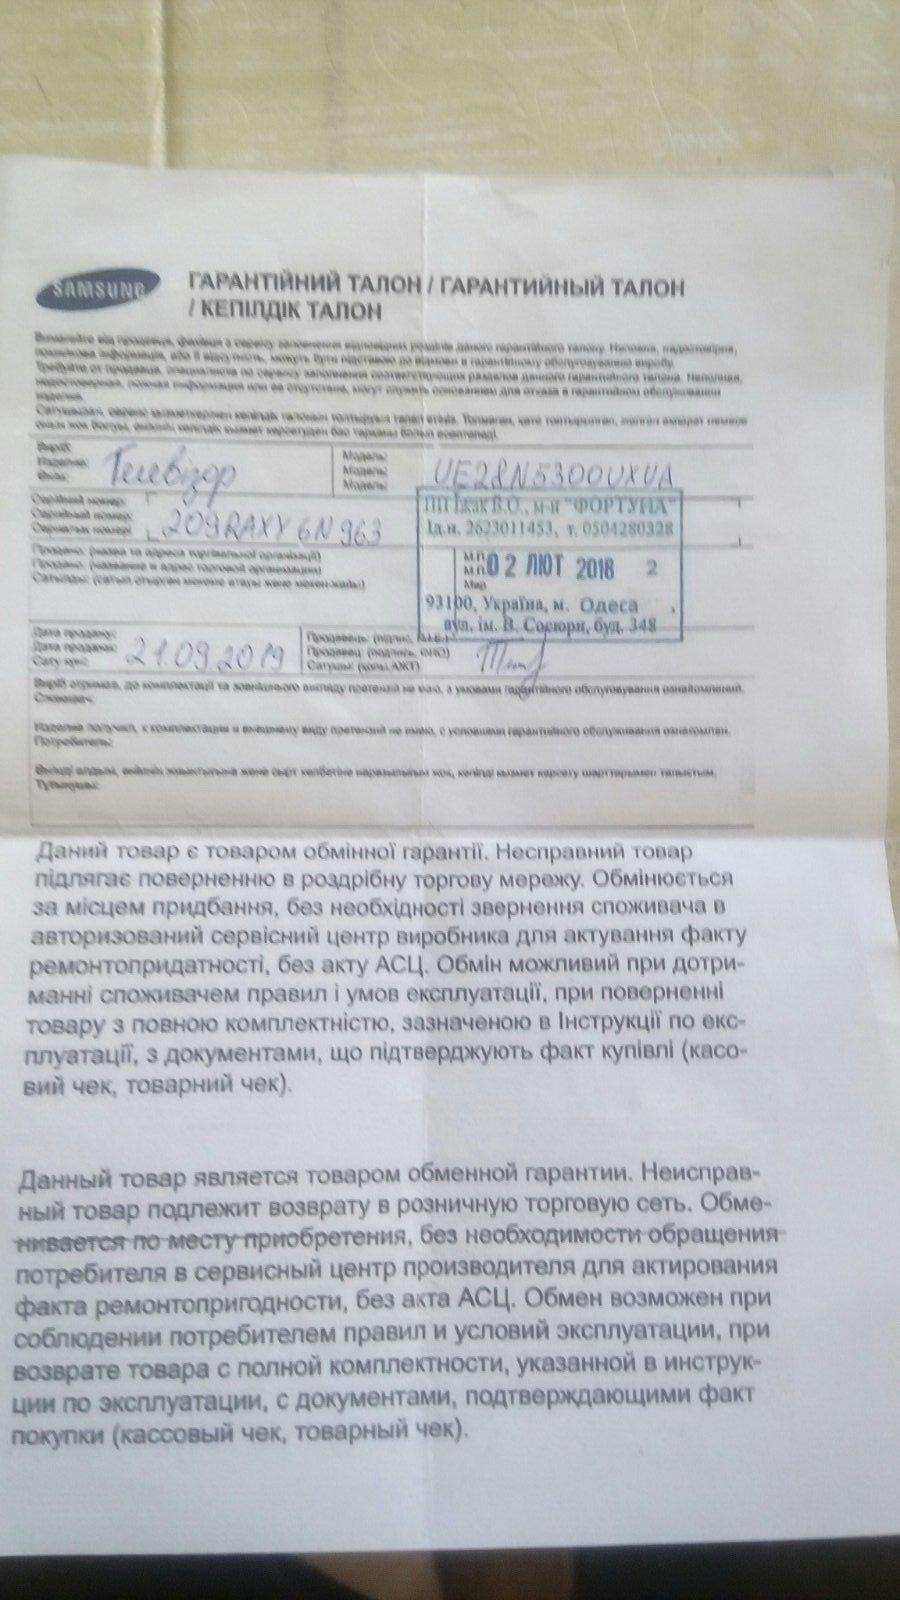 mygadget.odessa.ua интернет-магазин - Мошеннический магазин.